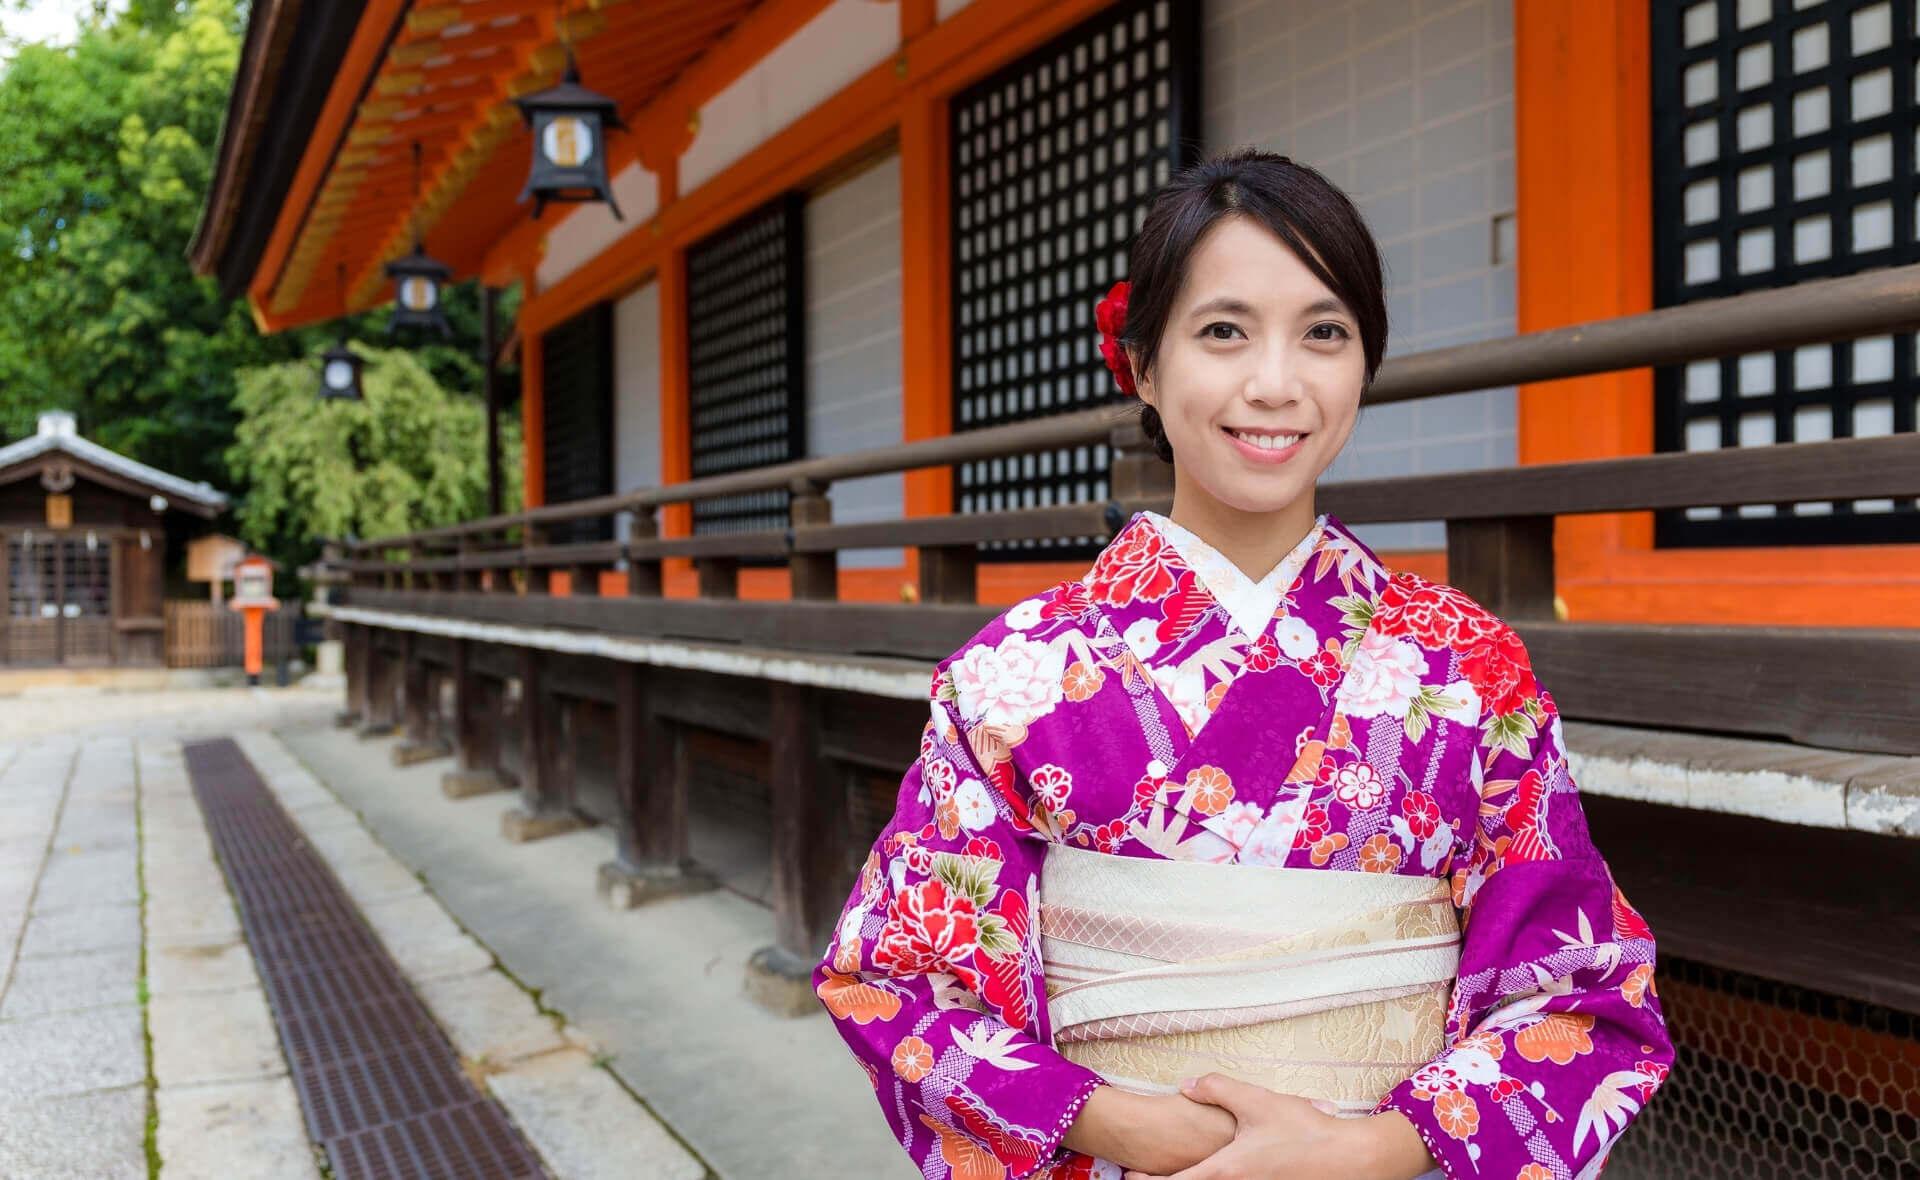 Японская девушка в традиционном японском одеянии